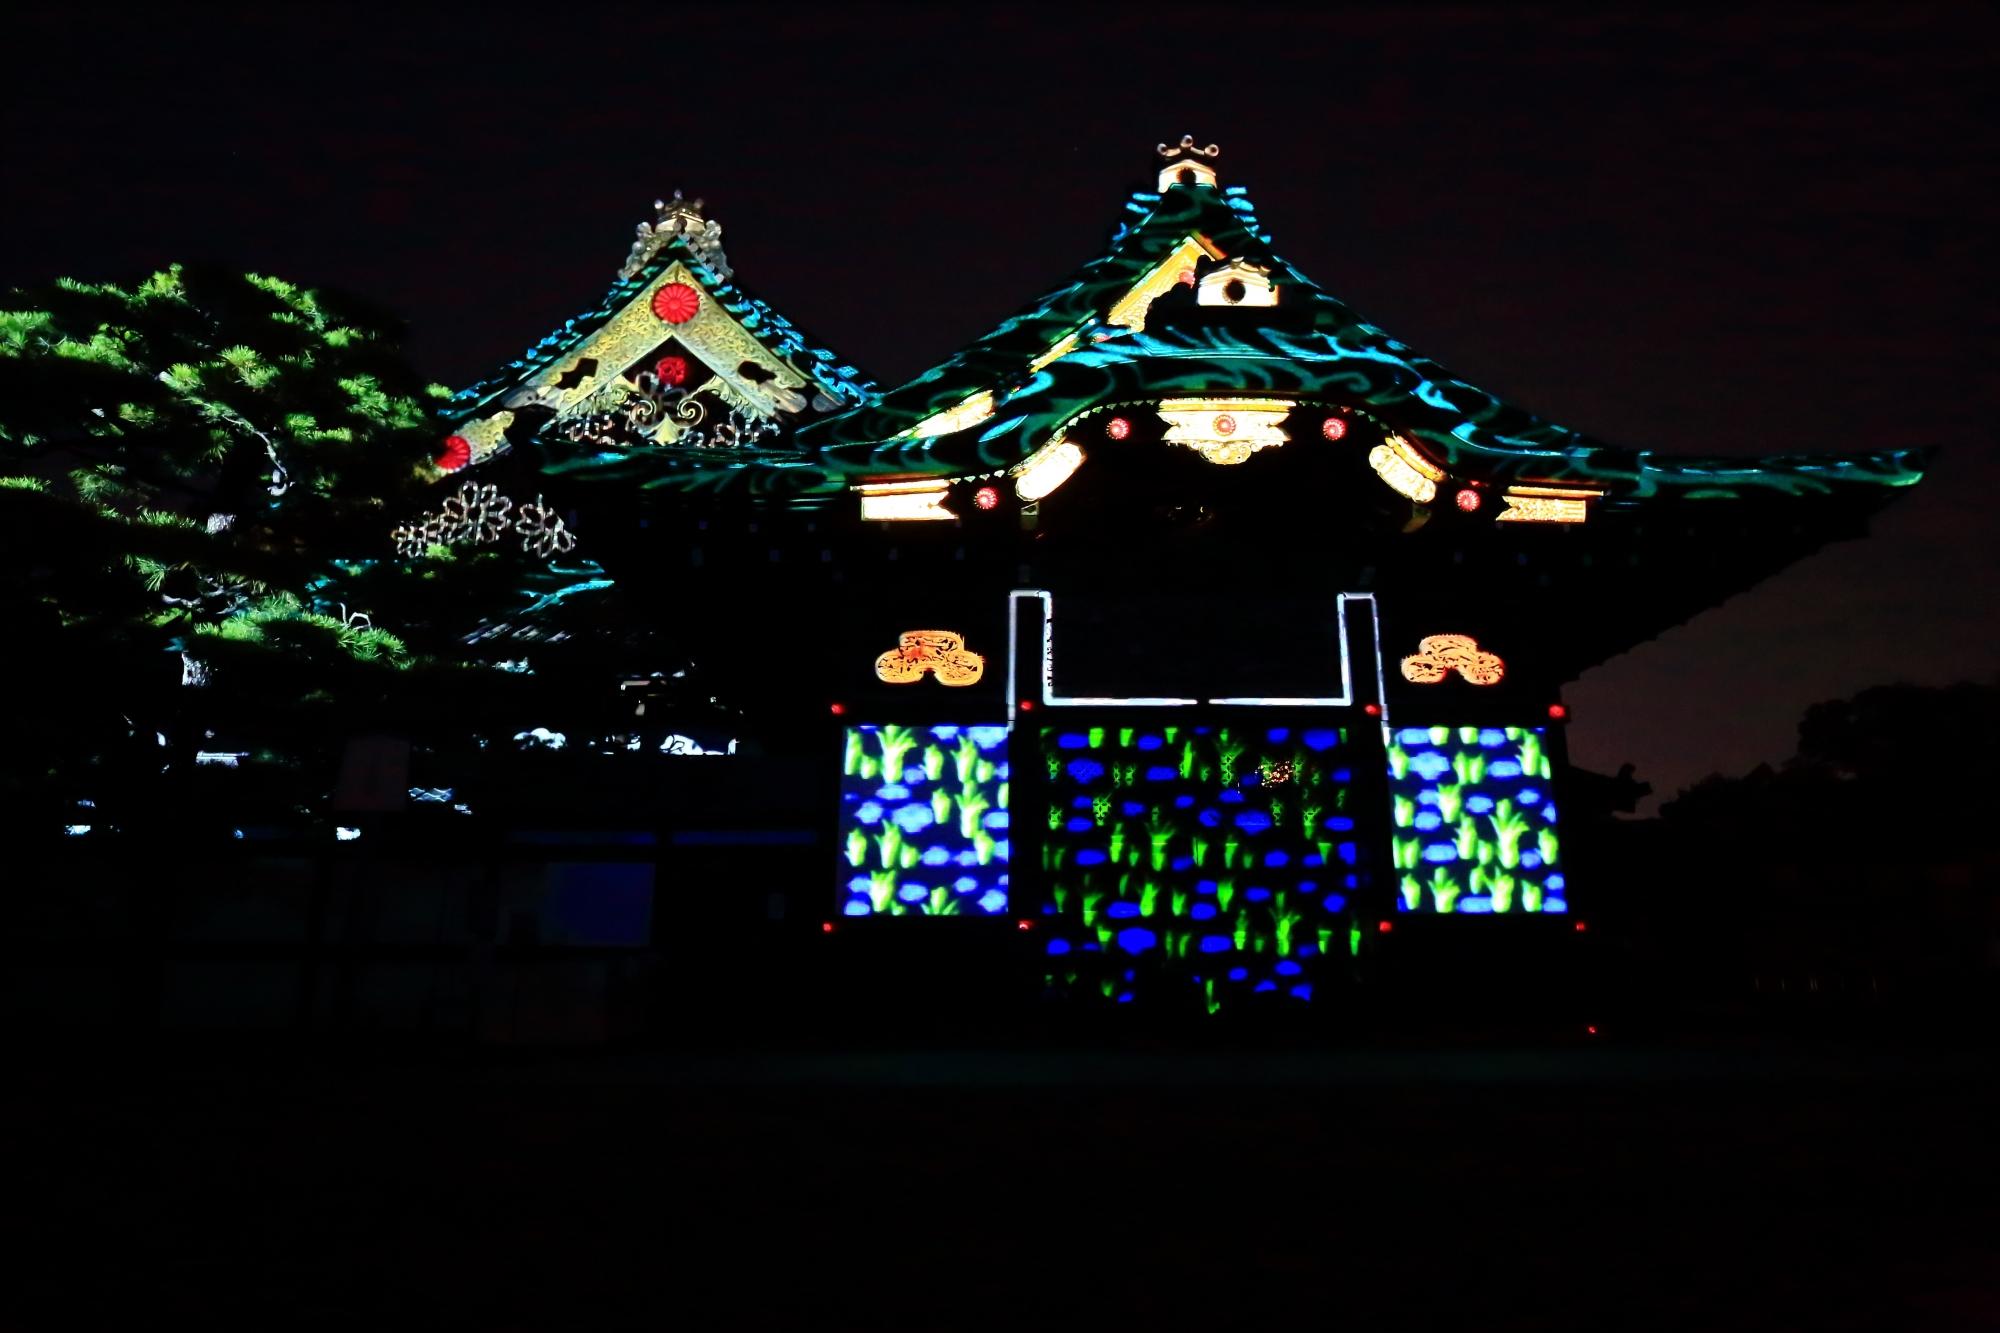 京の七夕堀川会場の二条城二の丸御殿プロジェクションマッピング